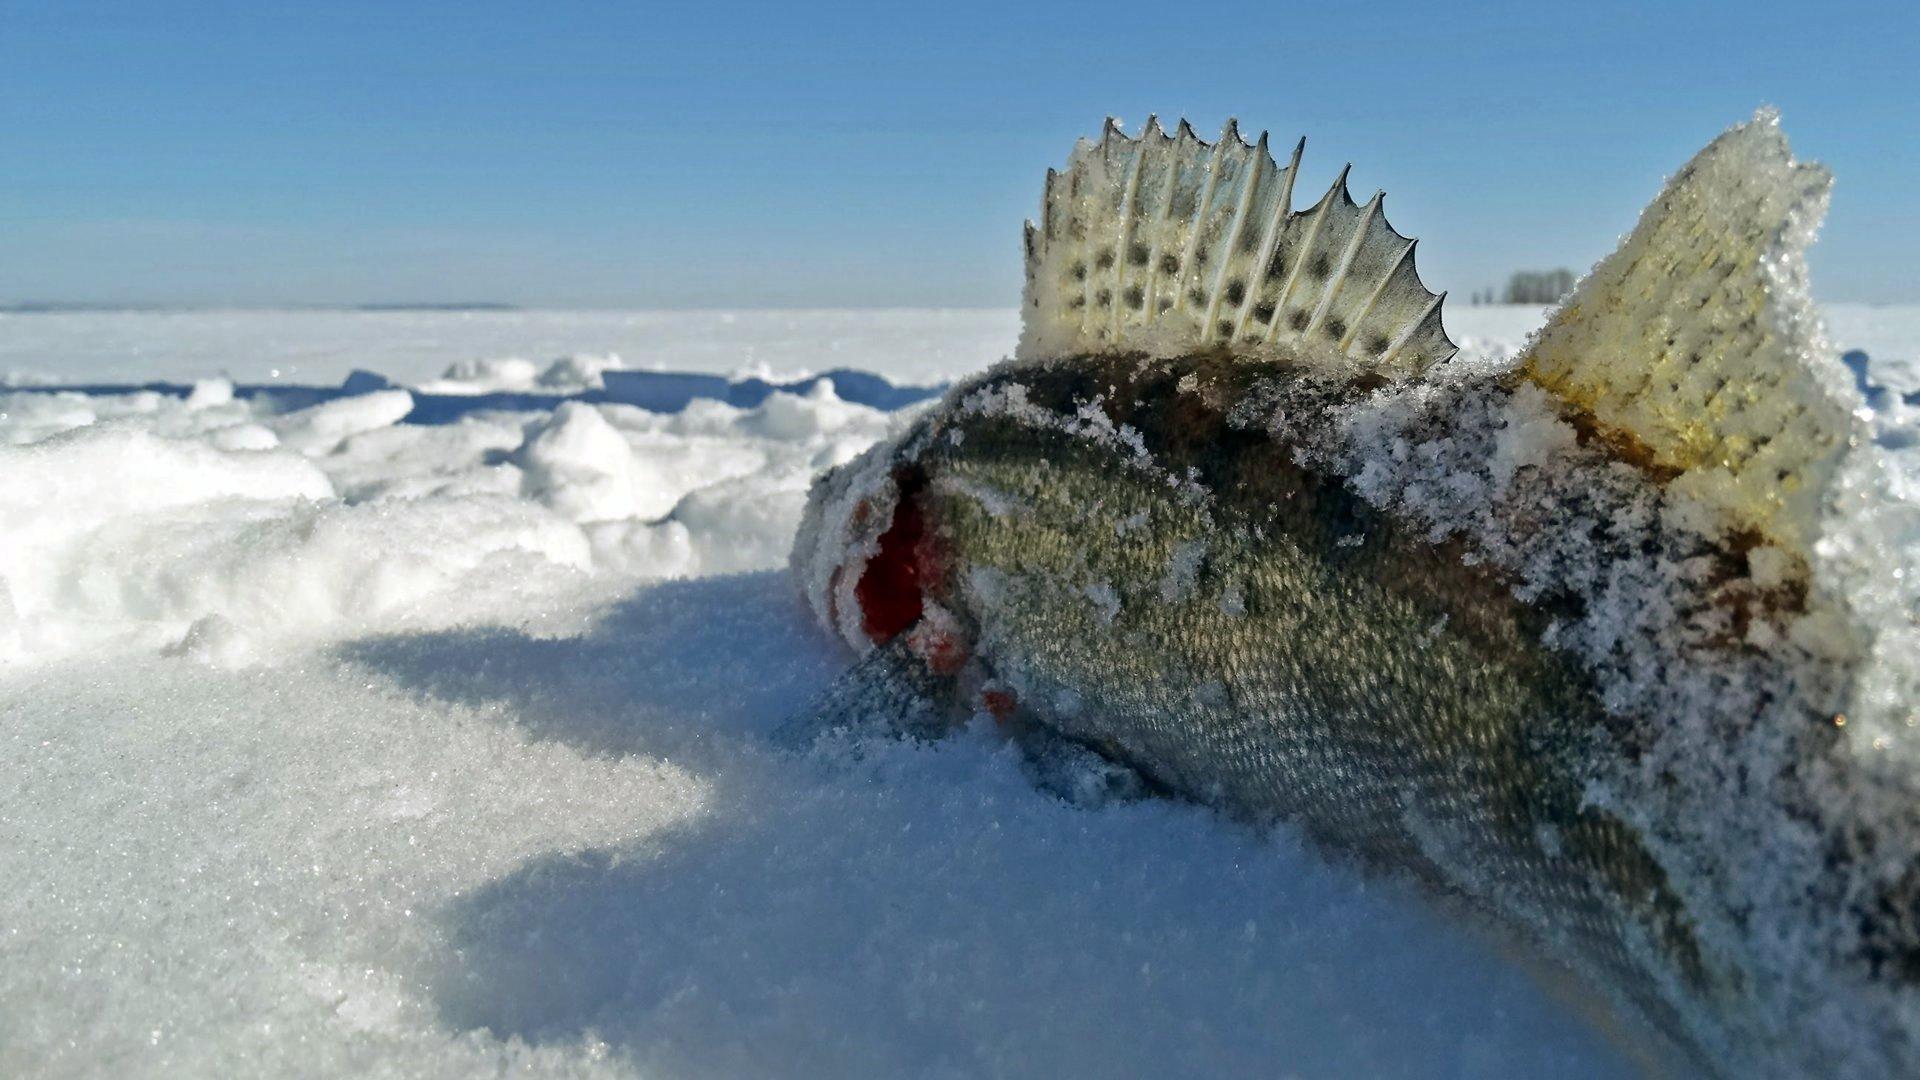 Зимняя удочка для балансира - особенности выбора, подготовка, уловистые балансиры, где ловить